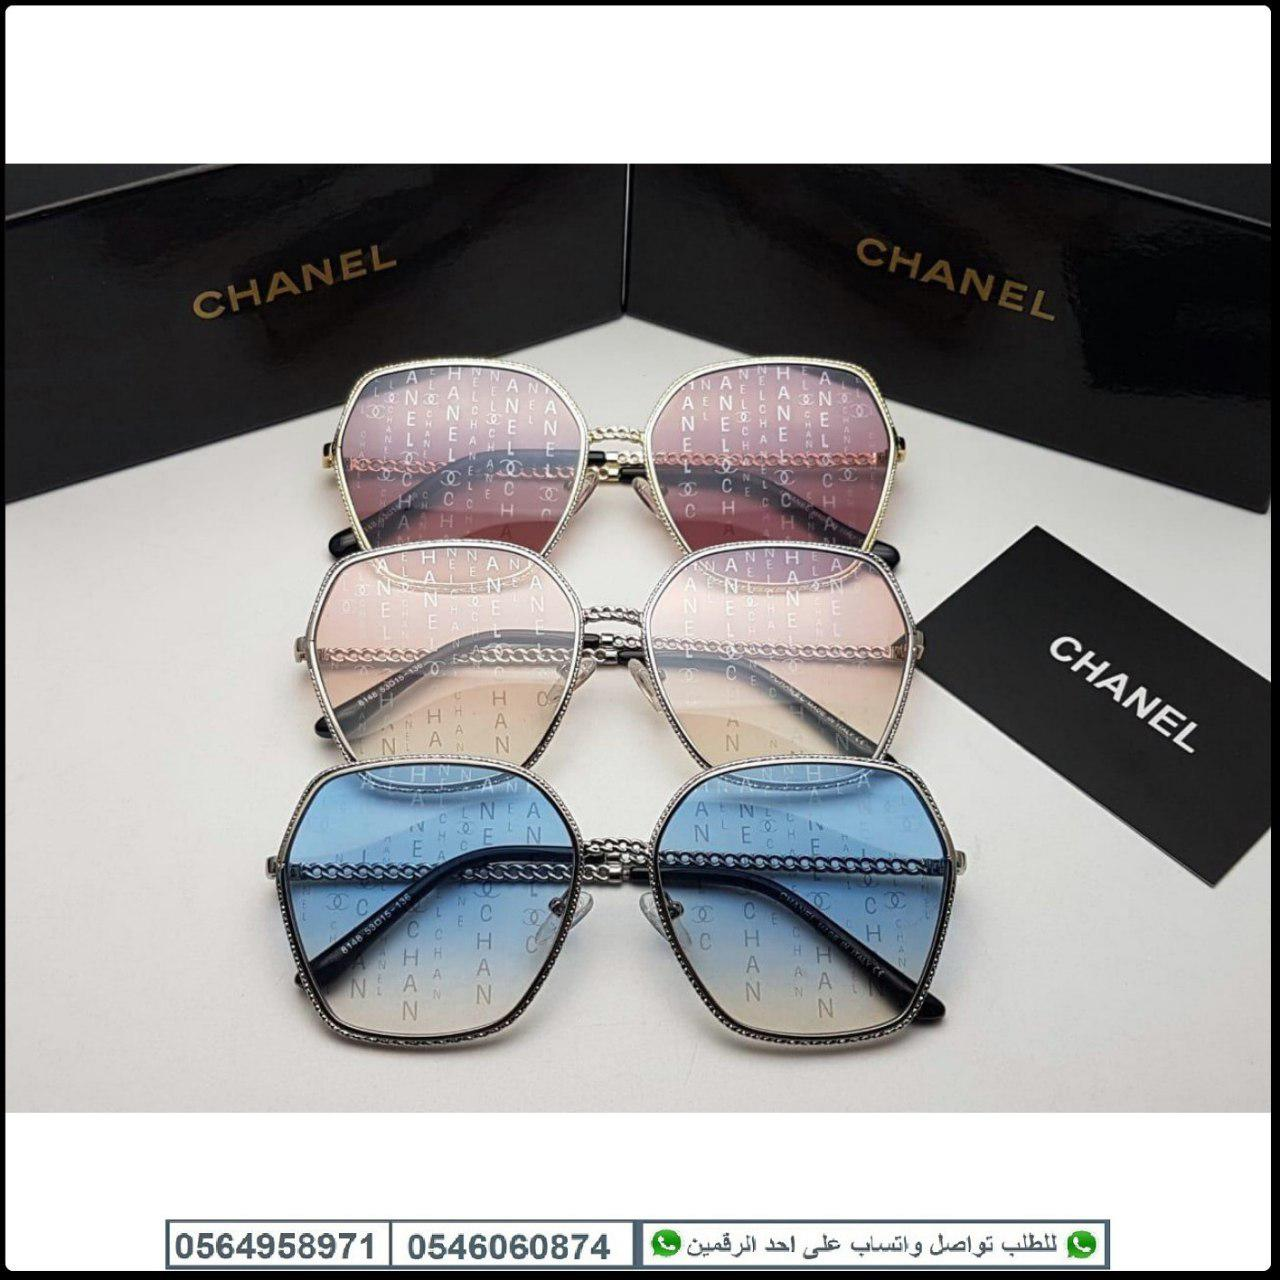 نظارات شانيل نسائي